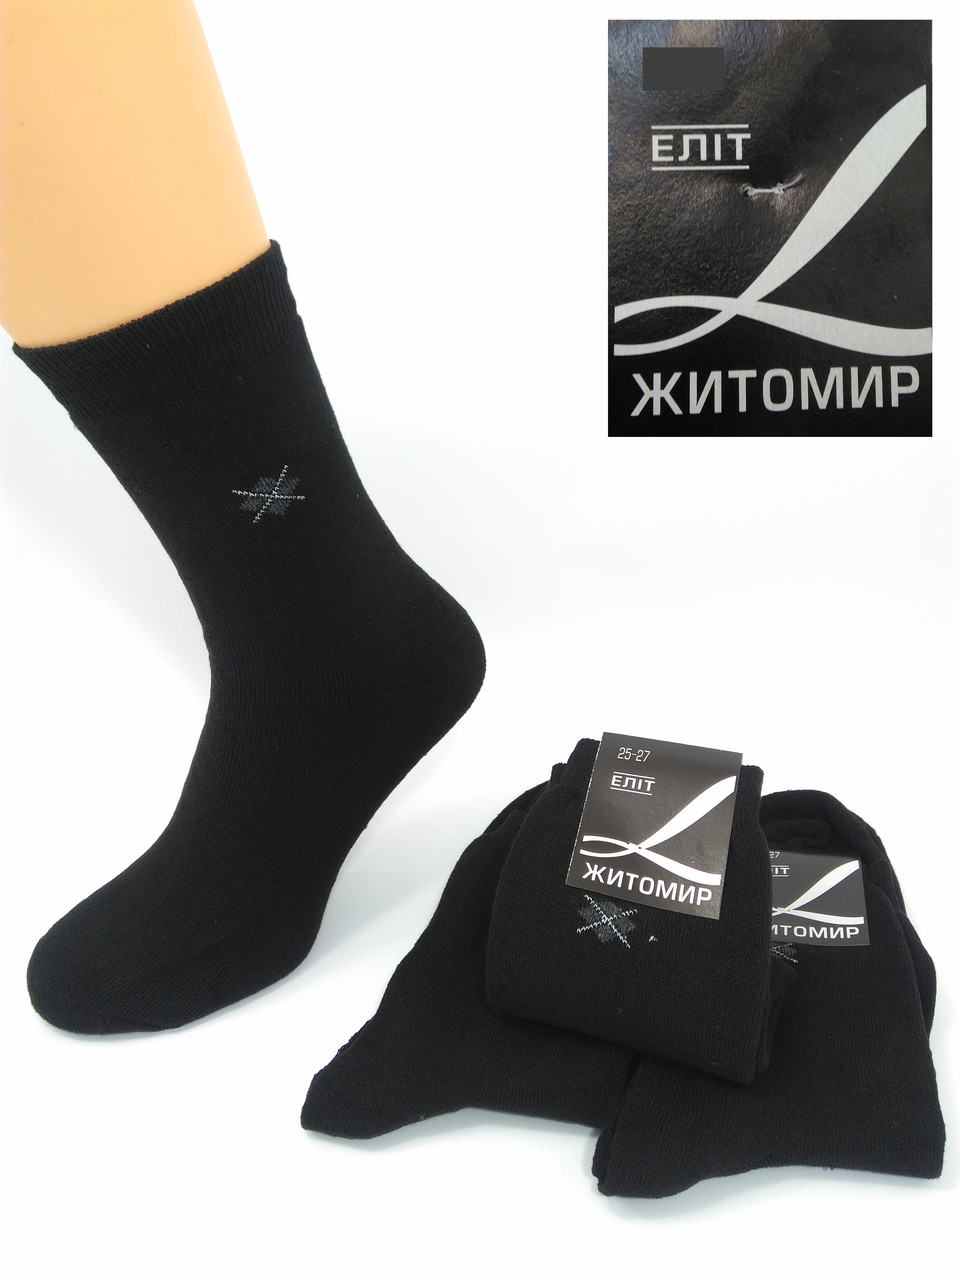 Махровые Мужские черные носки 27-29  (41-44обувь)